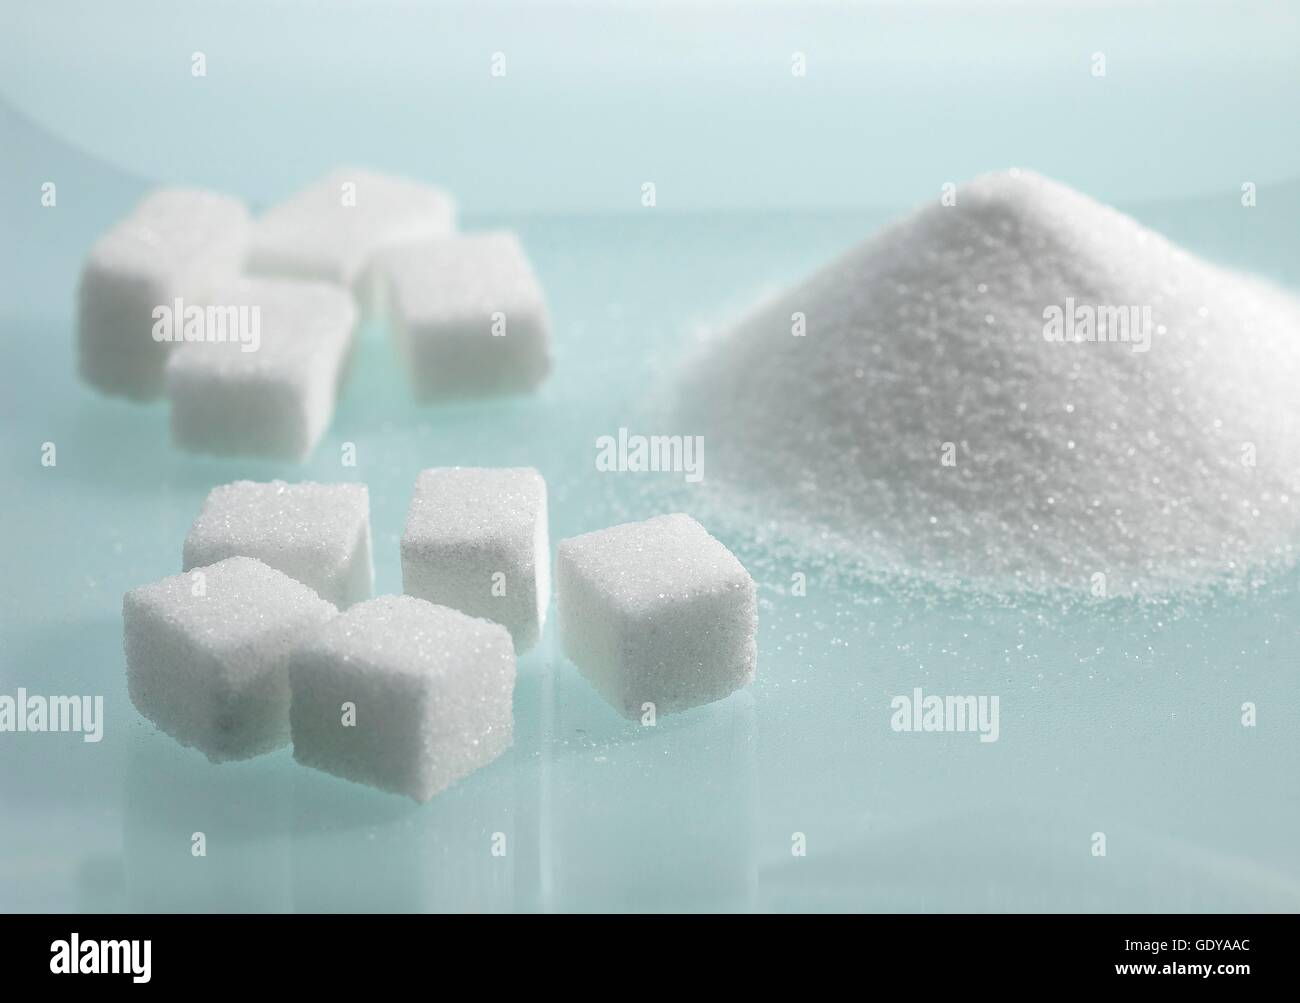 Granulata e cubetti di zucchero bianco nel carrello Immagini Stock